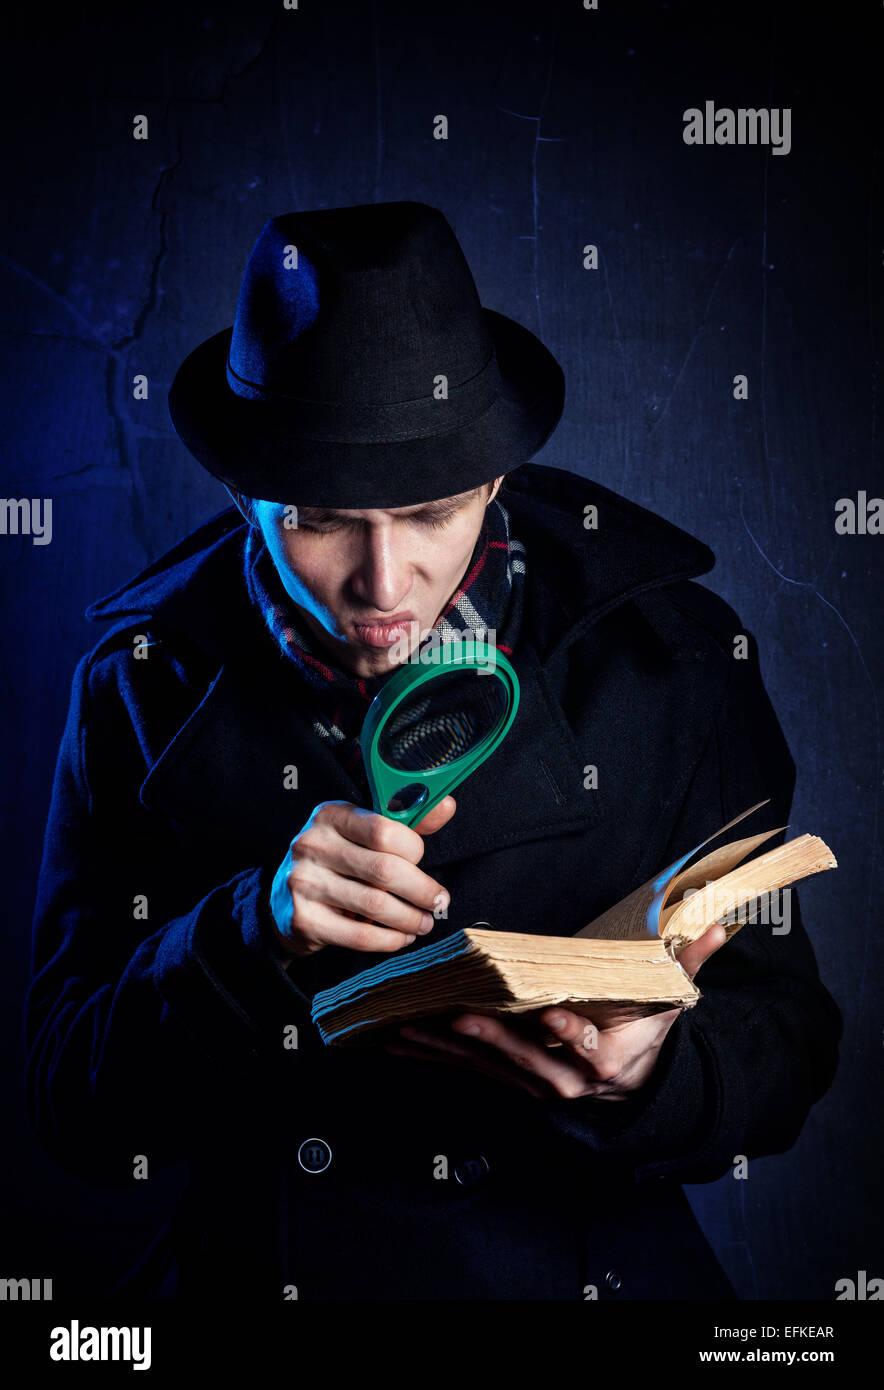 Mann mit schwarzem Hut mit Lupe, die das alte Buch bei dunklem Hintergrund Stockbild